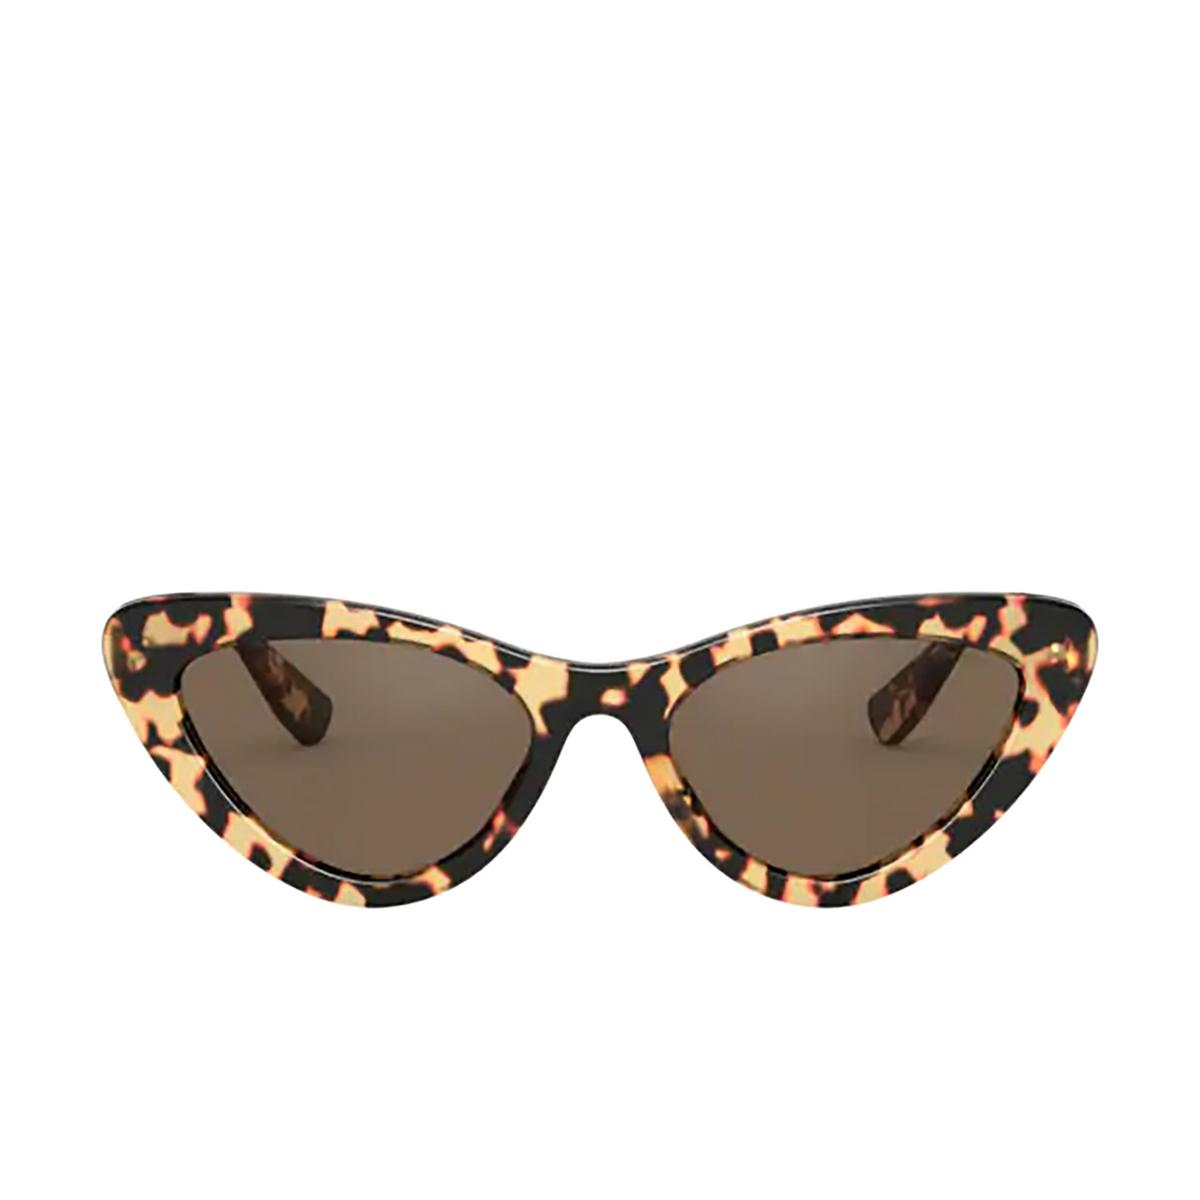 Miu Miu® Cat-eye Sunglasses: MU 01VS color Light Havana 7S08C1.